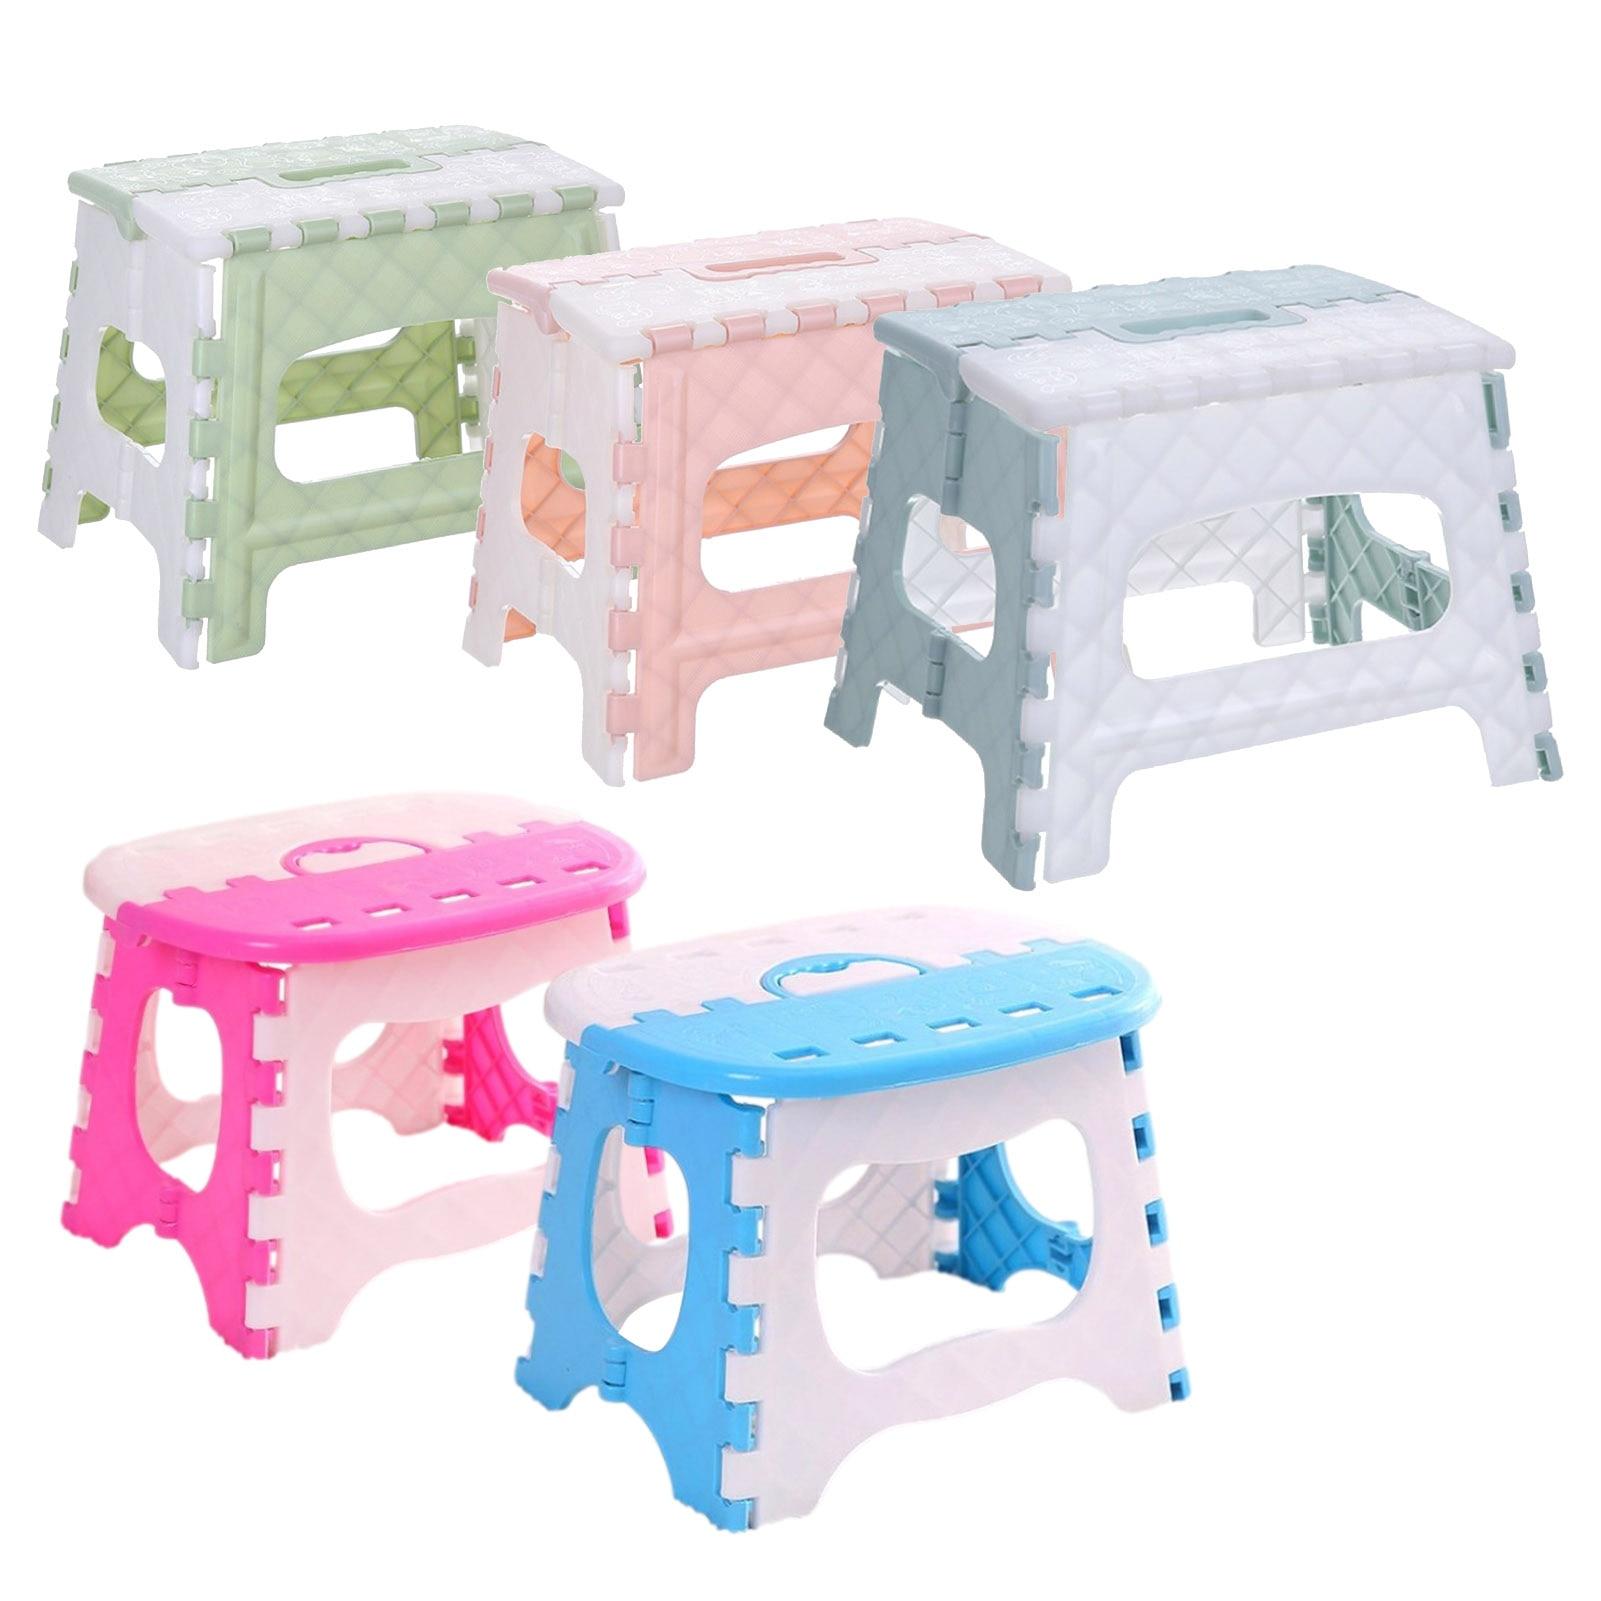 Складные стулья, многофункциональные портативные Стулья ПП-стулья для детей и взрослых, домашние портативные маленькие стулья, рыболовный ...